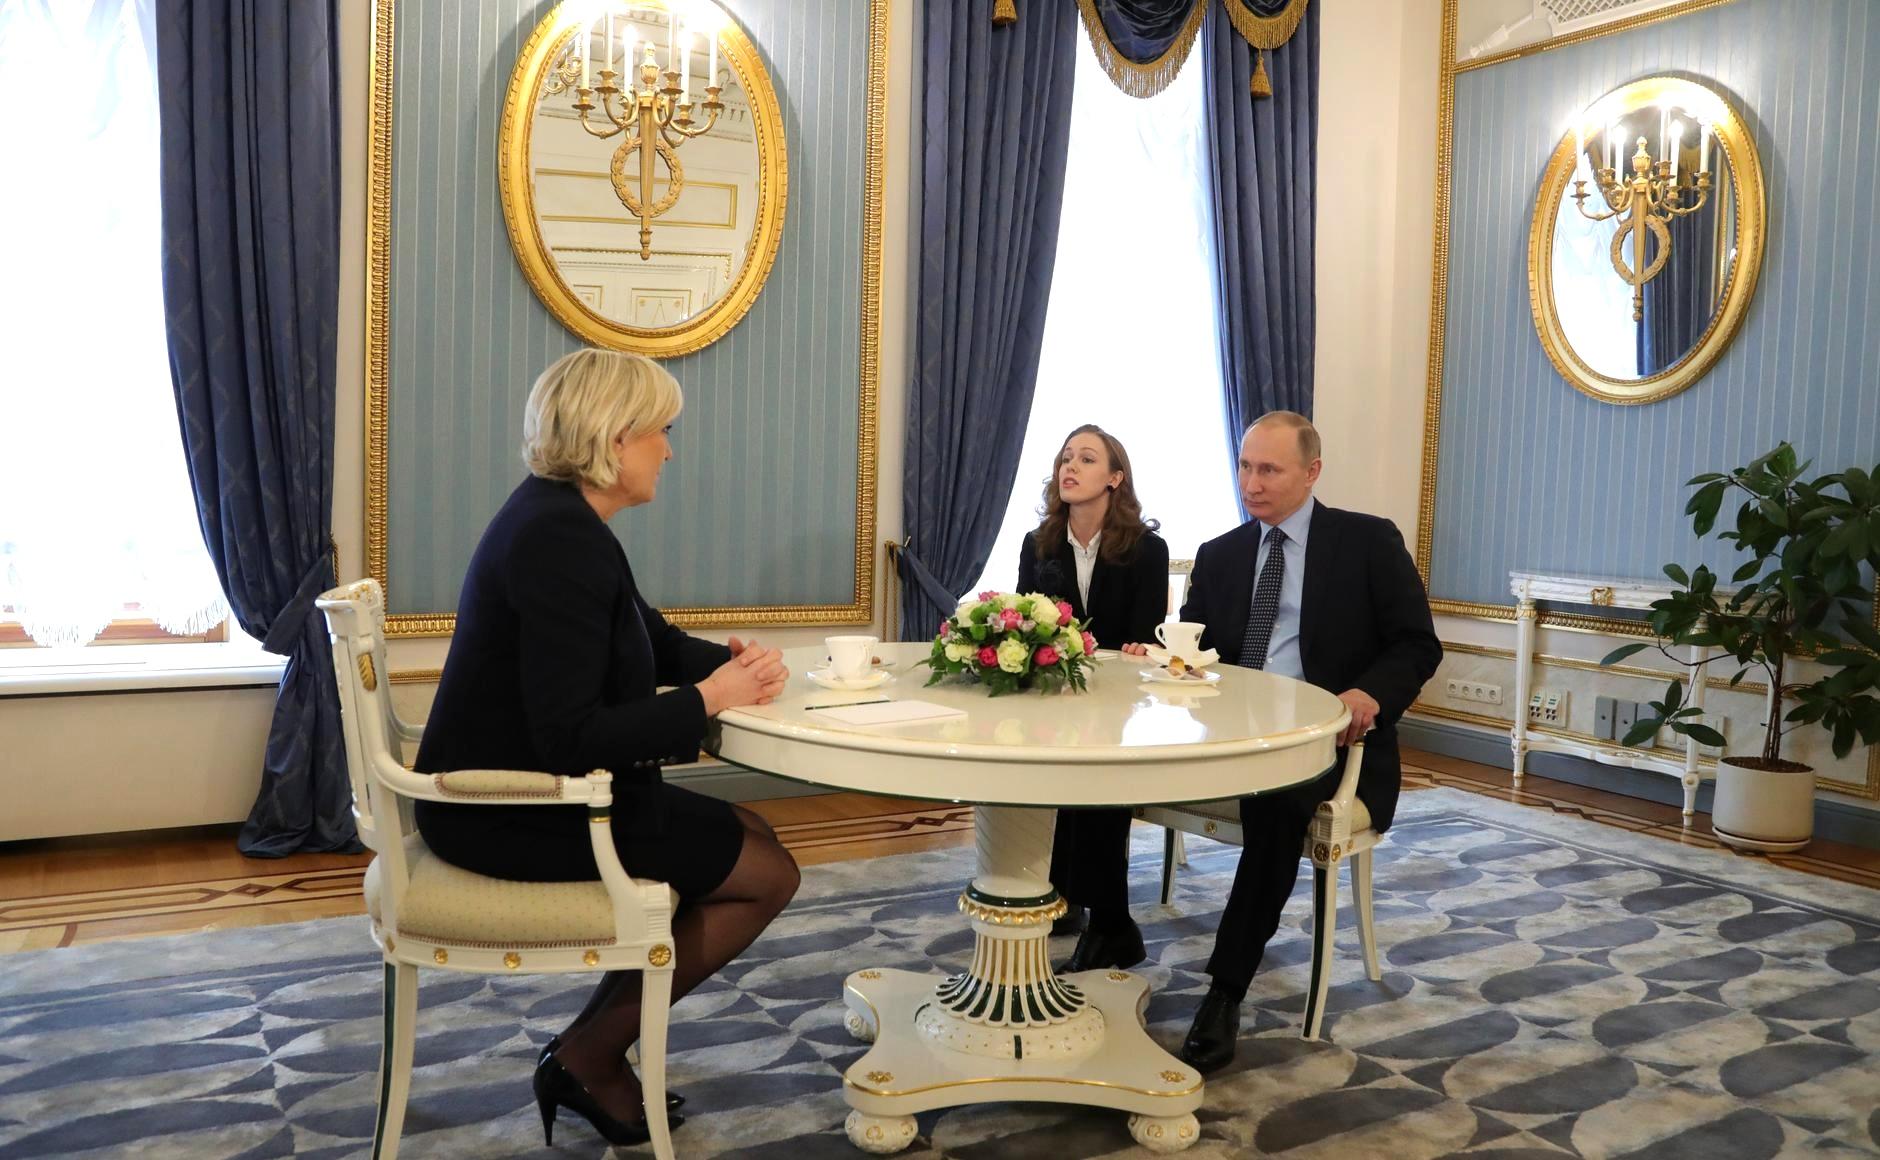 Марін Ле Пен - кандидат у президенти Франції від Росії